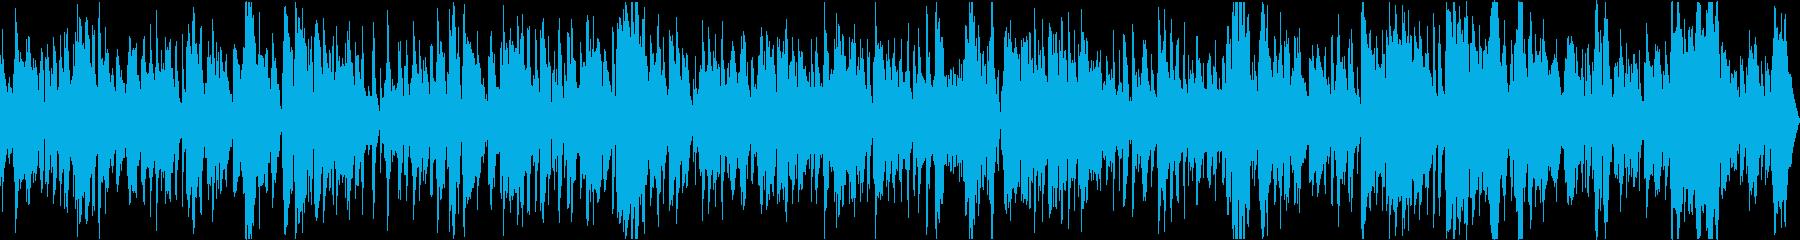 ムーディーなジャズトロンボーンの再生済みの波形